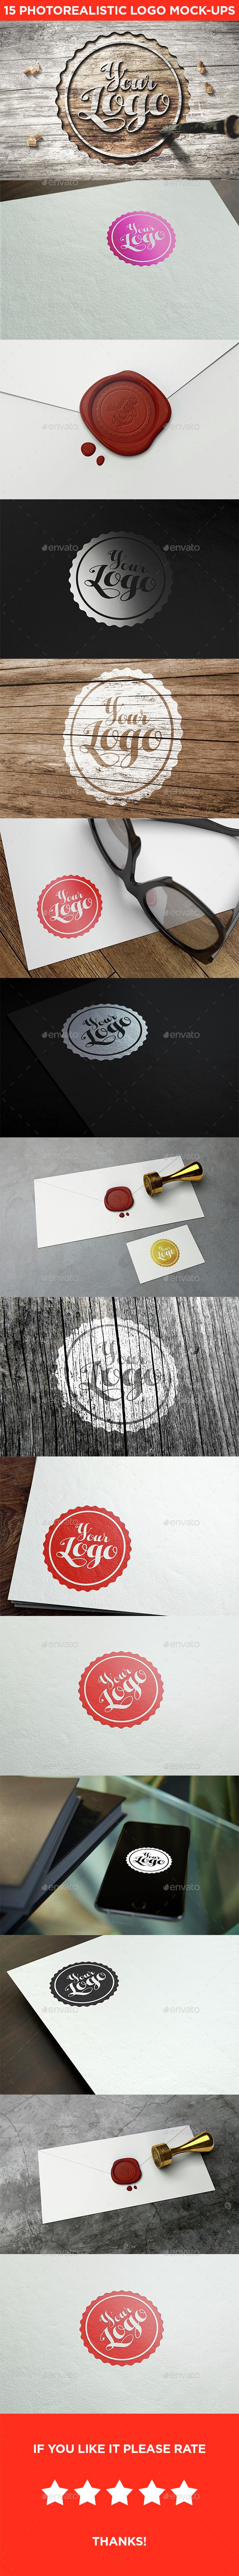 15 Realistic Logo Mock-Ups Vol.2 - Logo Product Mock-Ups